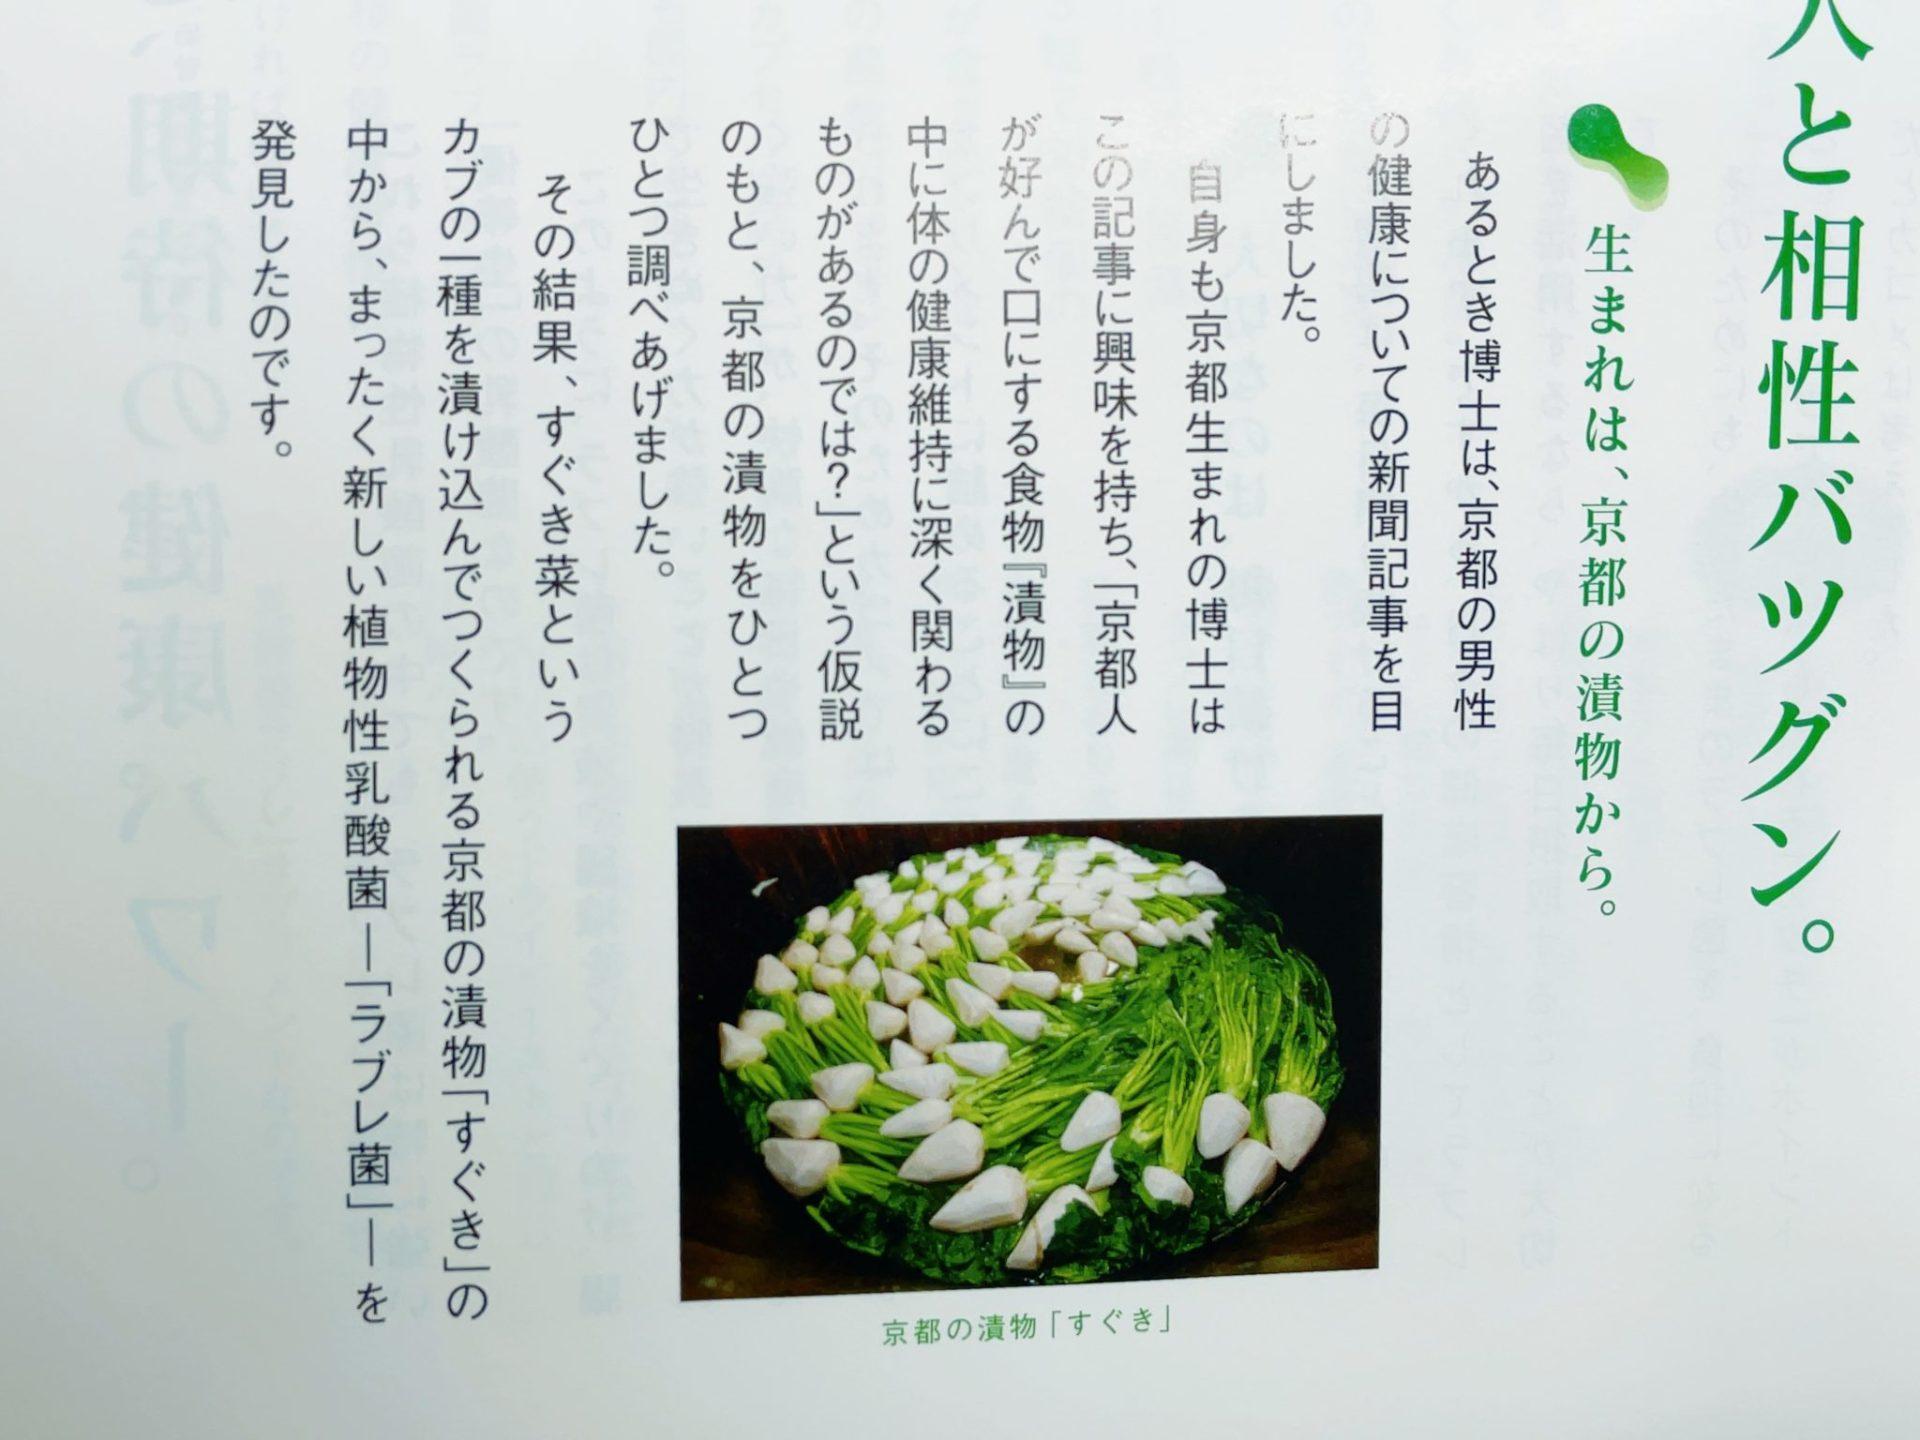 カゴメ植物乳酸菌ラブレのサプリは漬物由来